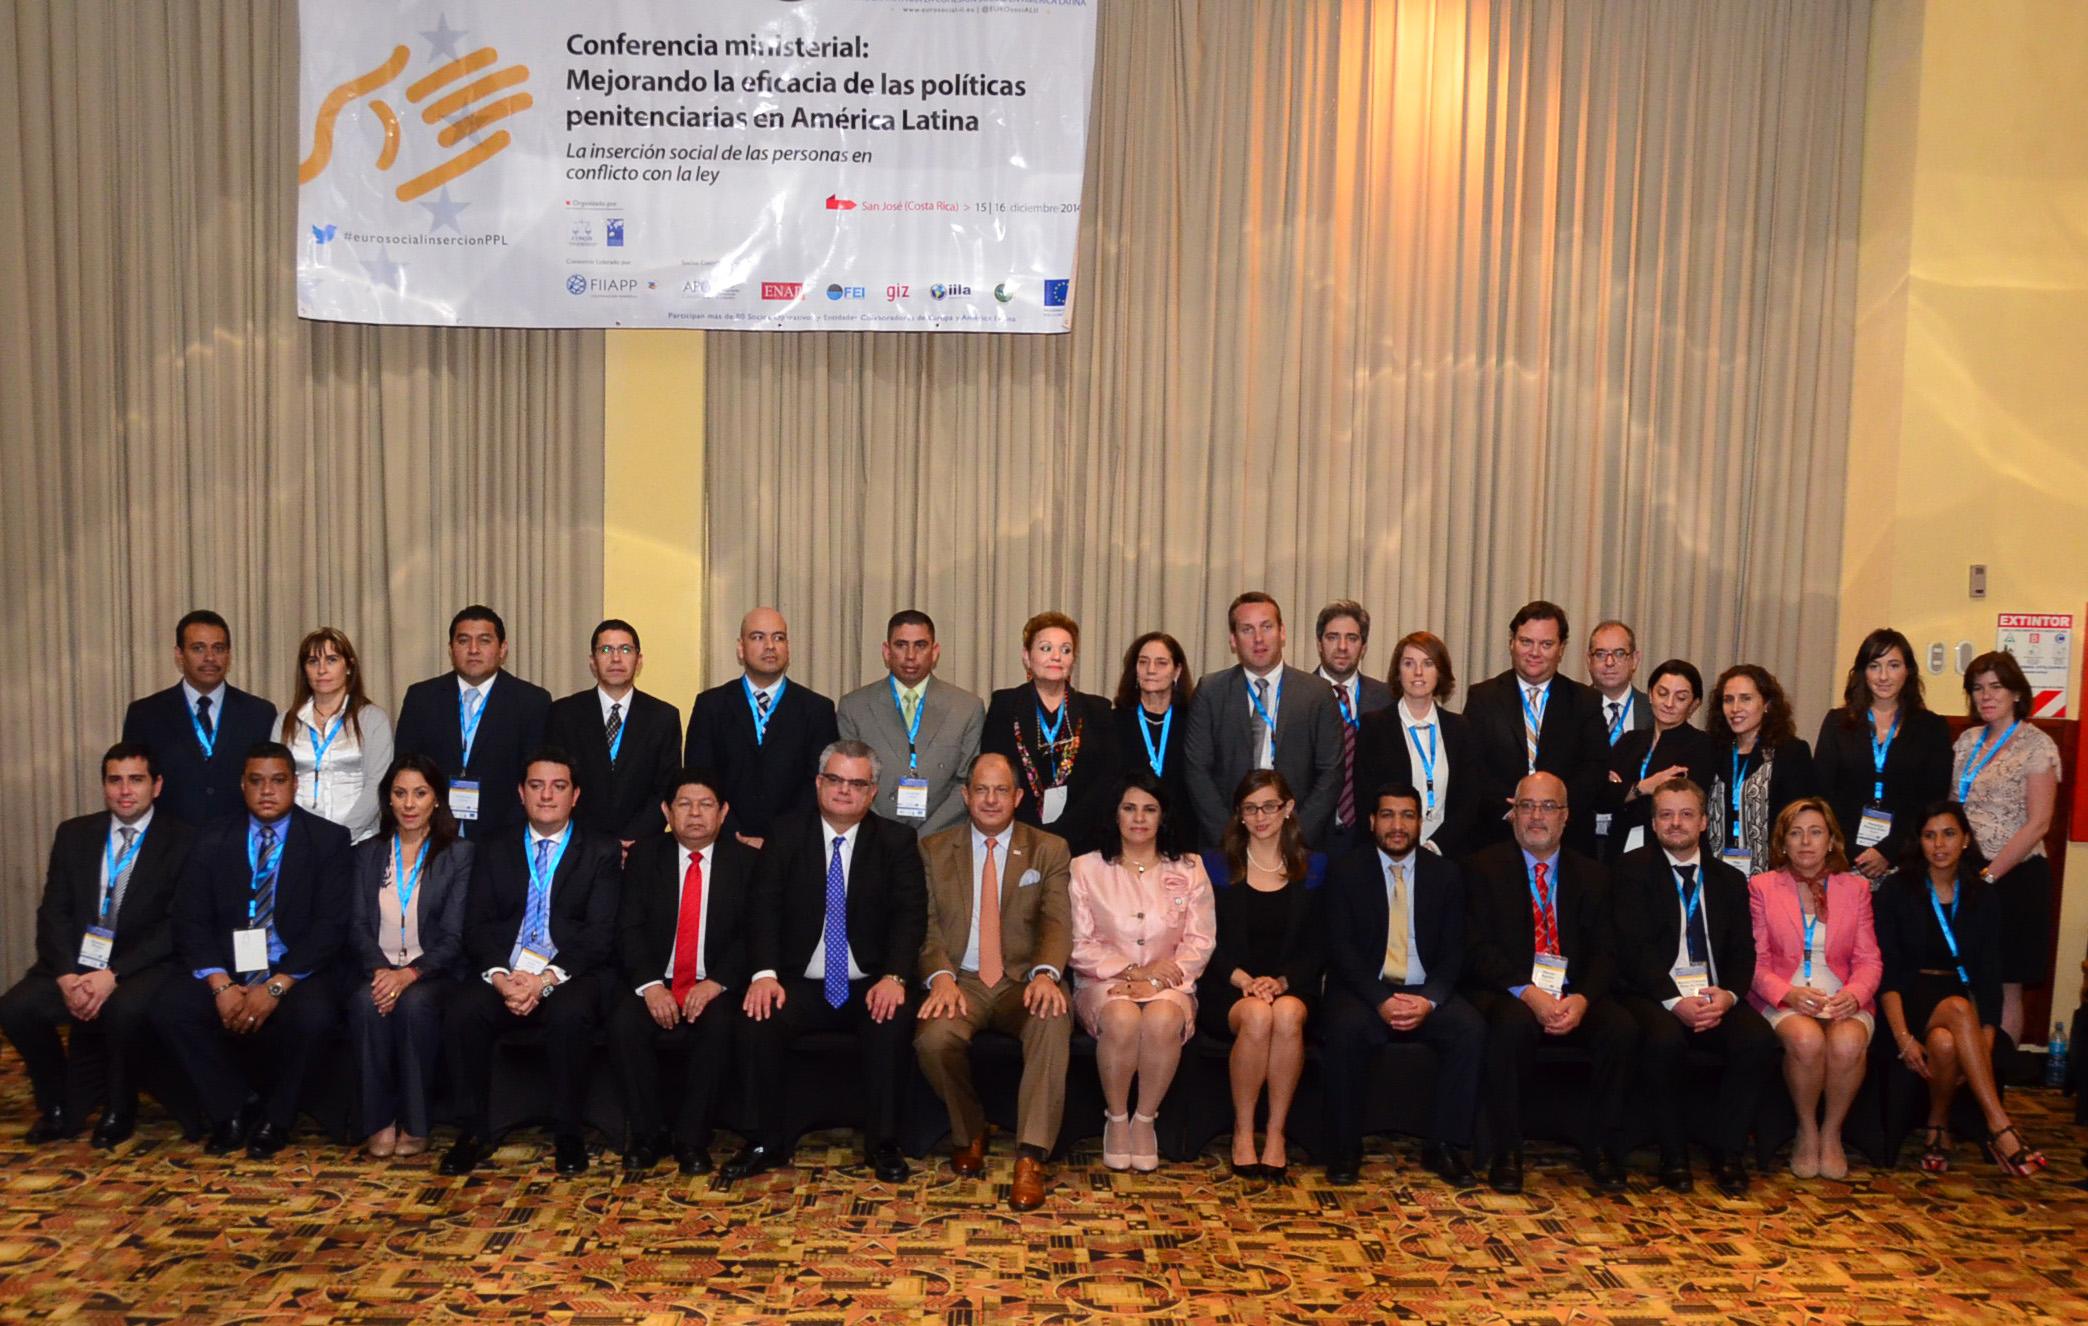 El Ministerio de Justicia participó en Costa Rica de una Conferencia sobre inserción social de personas privadas de libertad